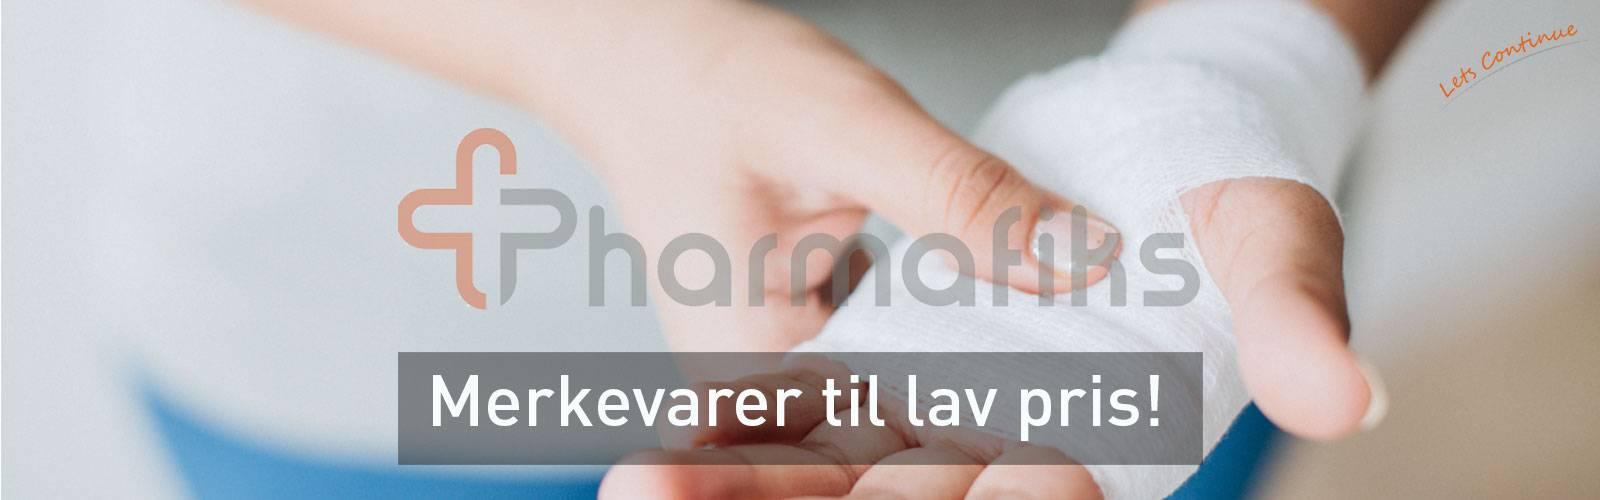 Pharmafiks plaster øyeskyll koffert førstehjelp førstehjelpskoffert skade førstehjelpsutstyr